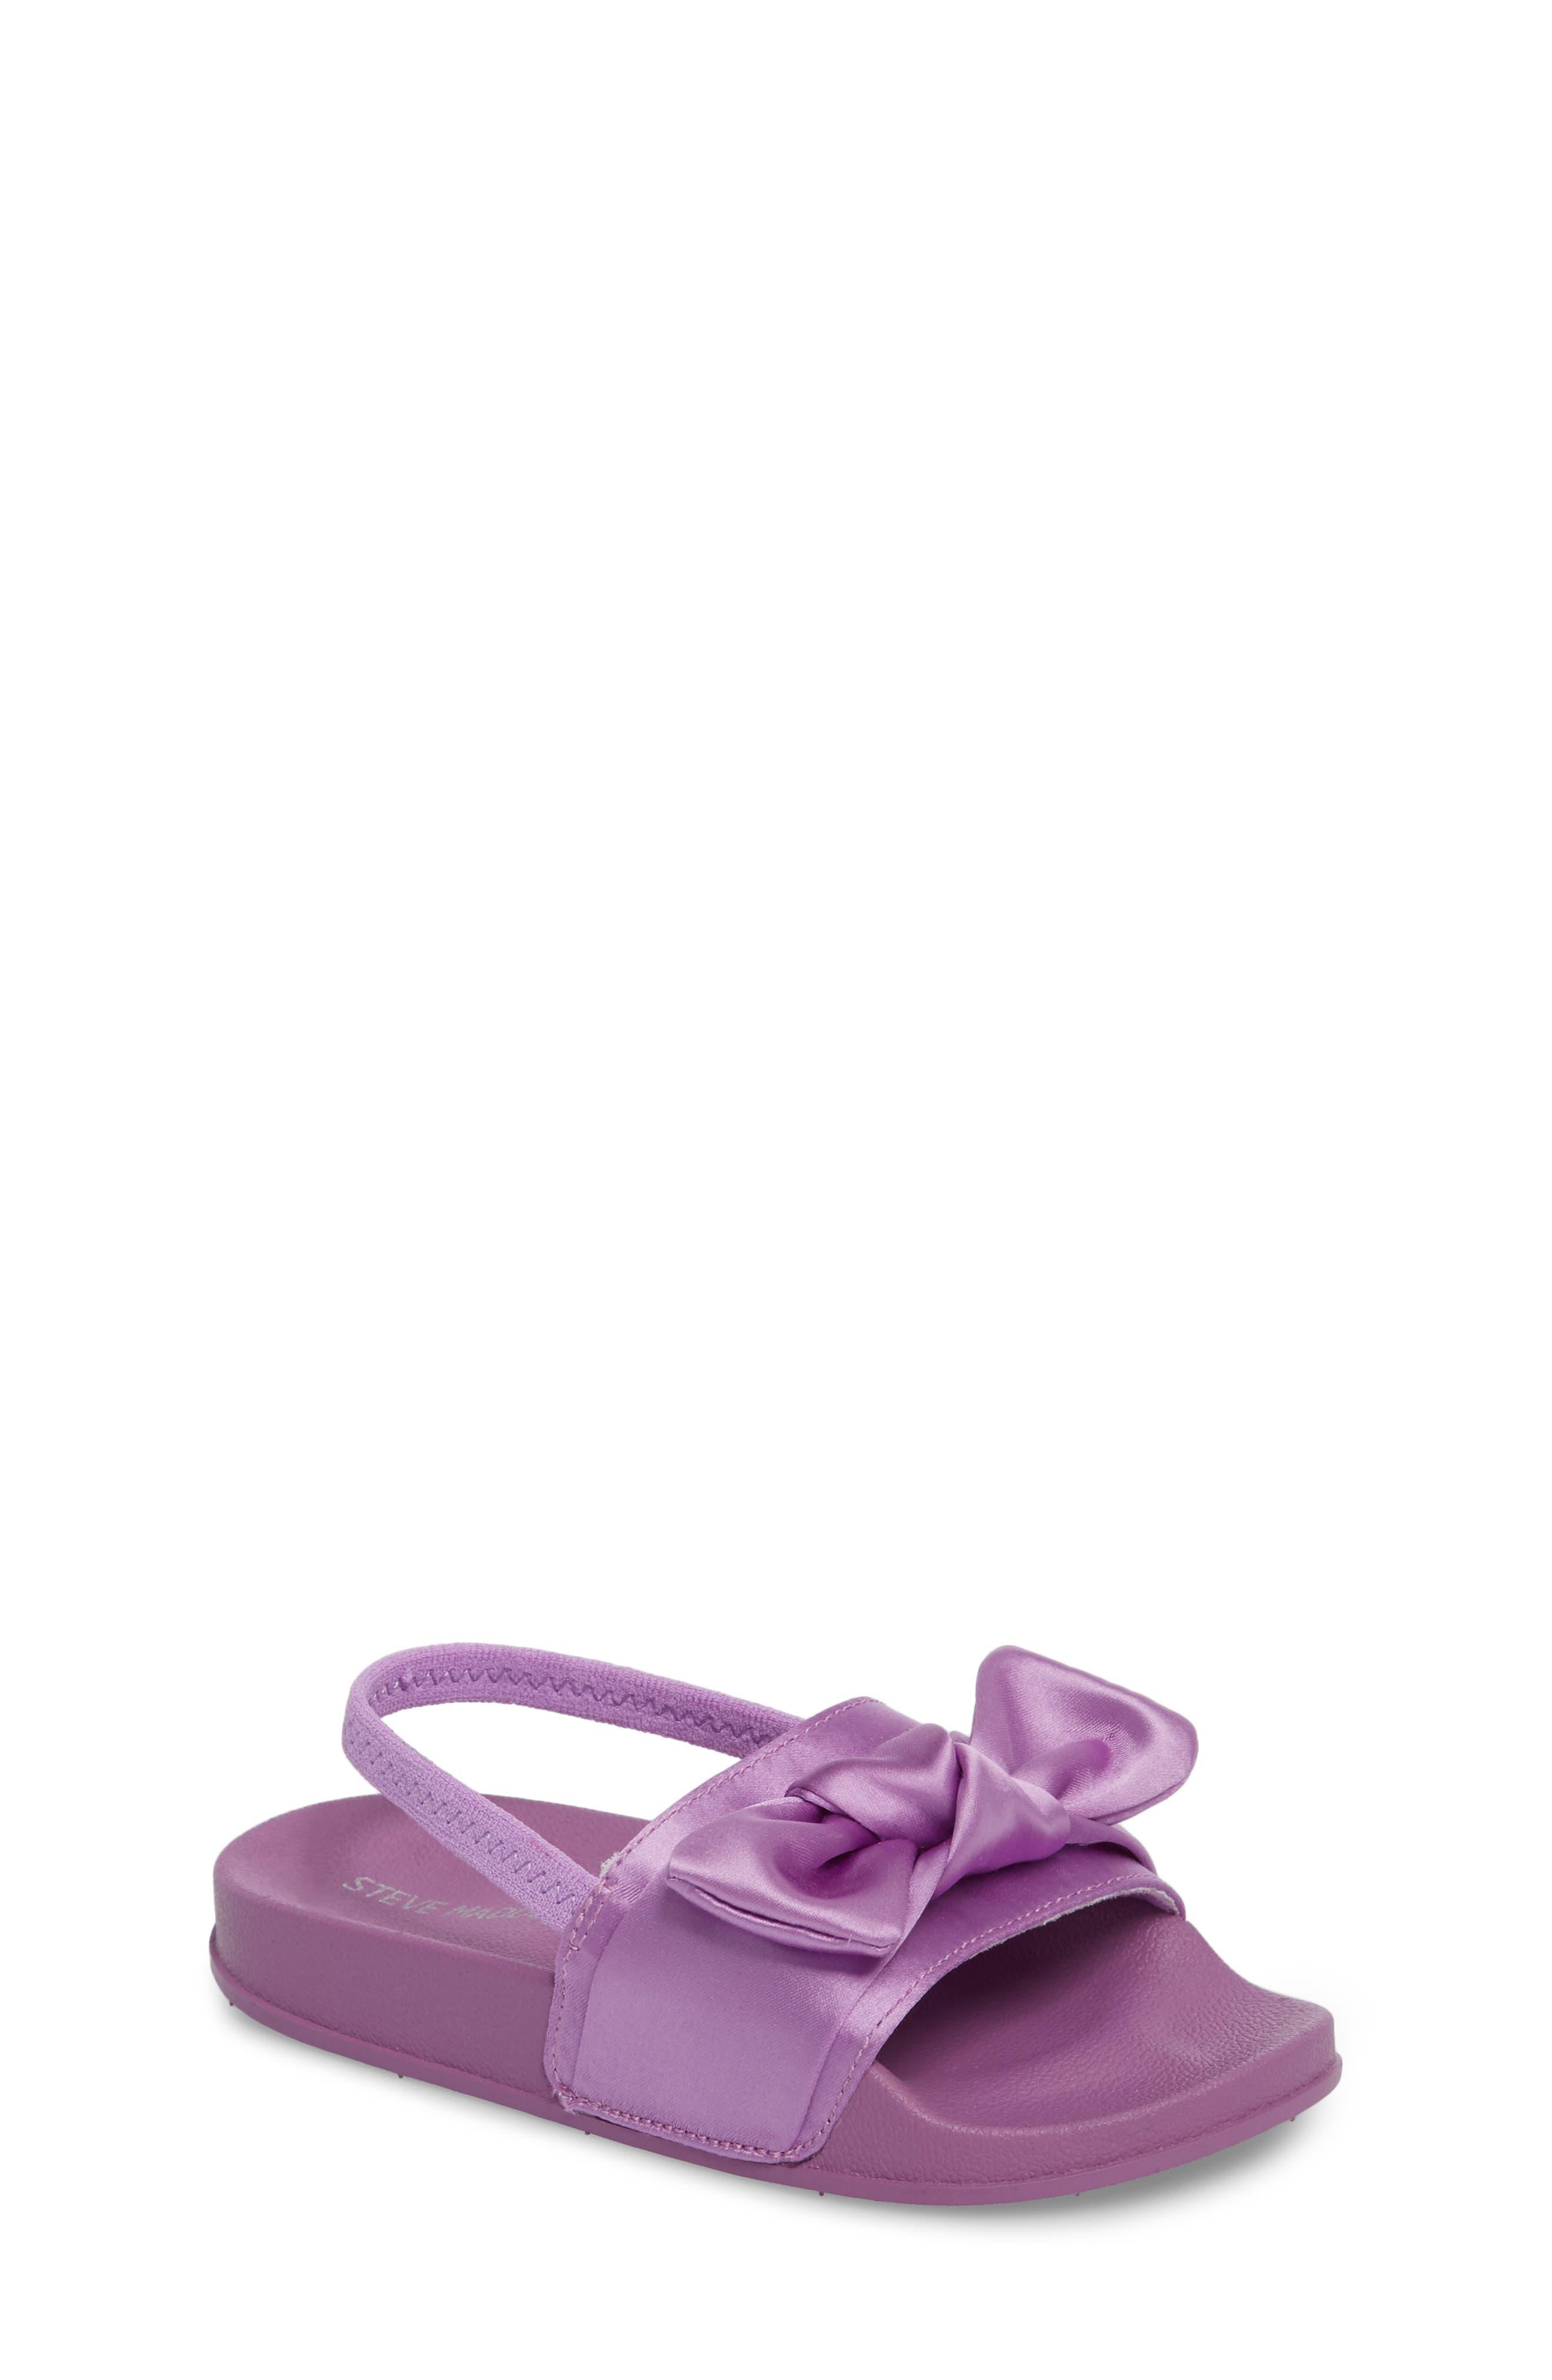 Steve Madden Tsilky Knotted Slide Sandal (Toddler)